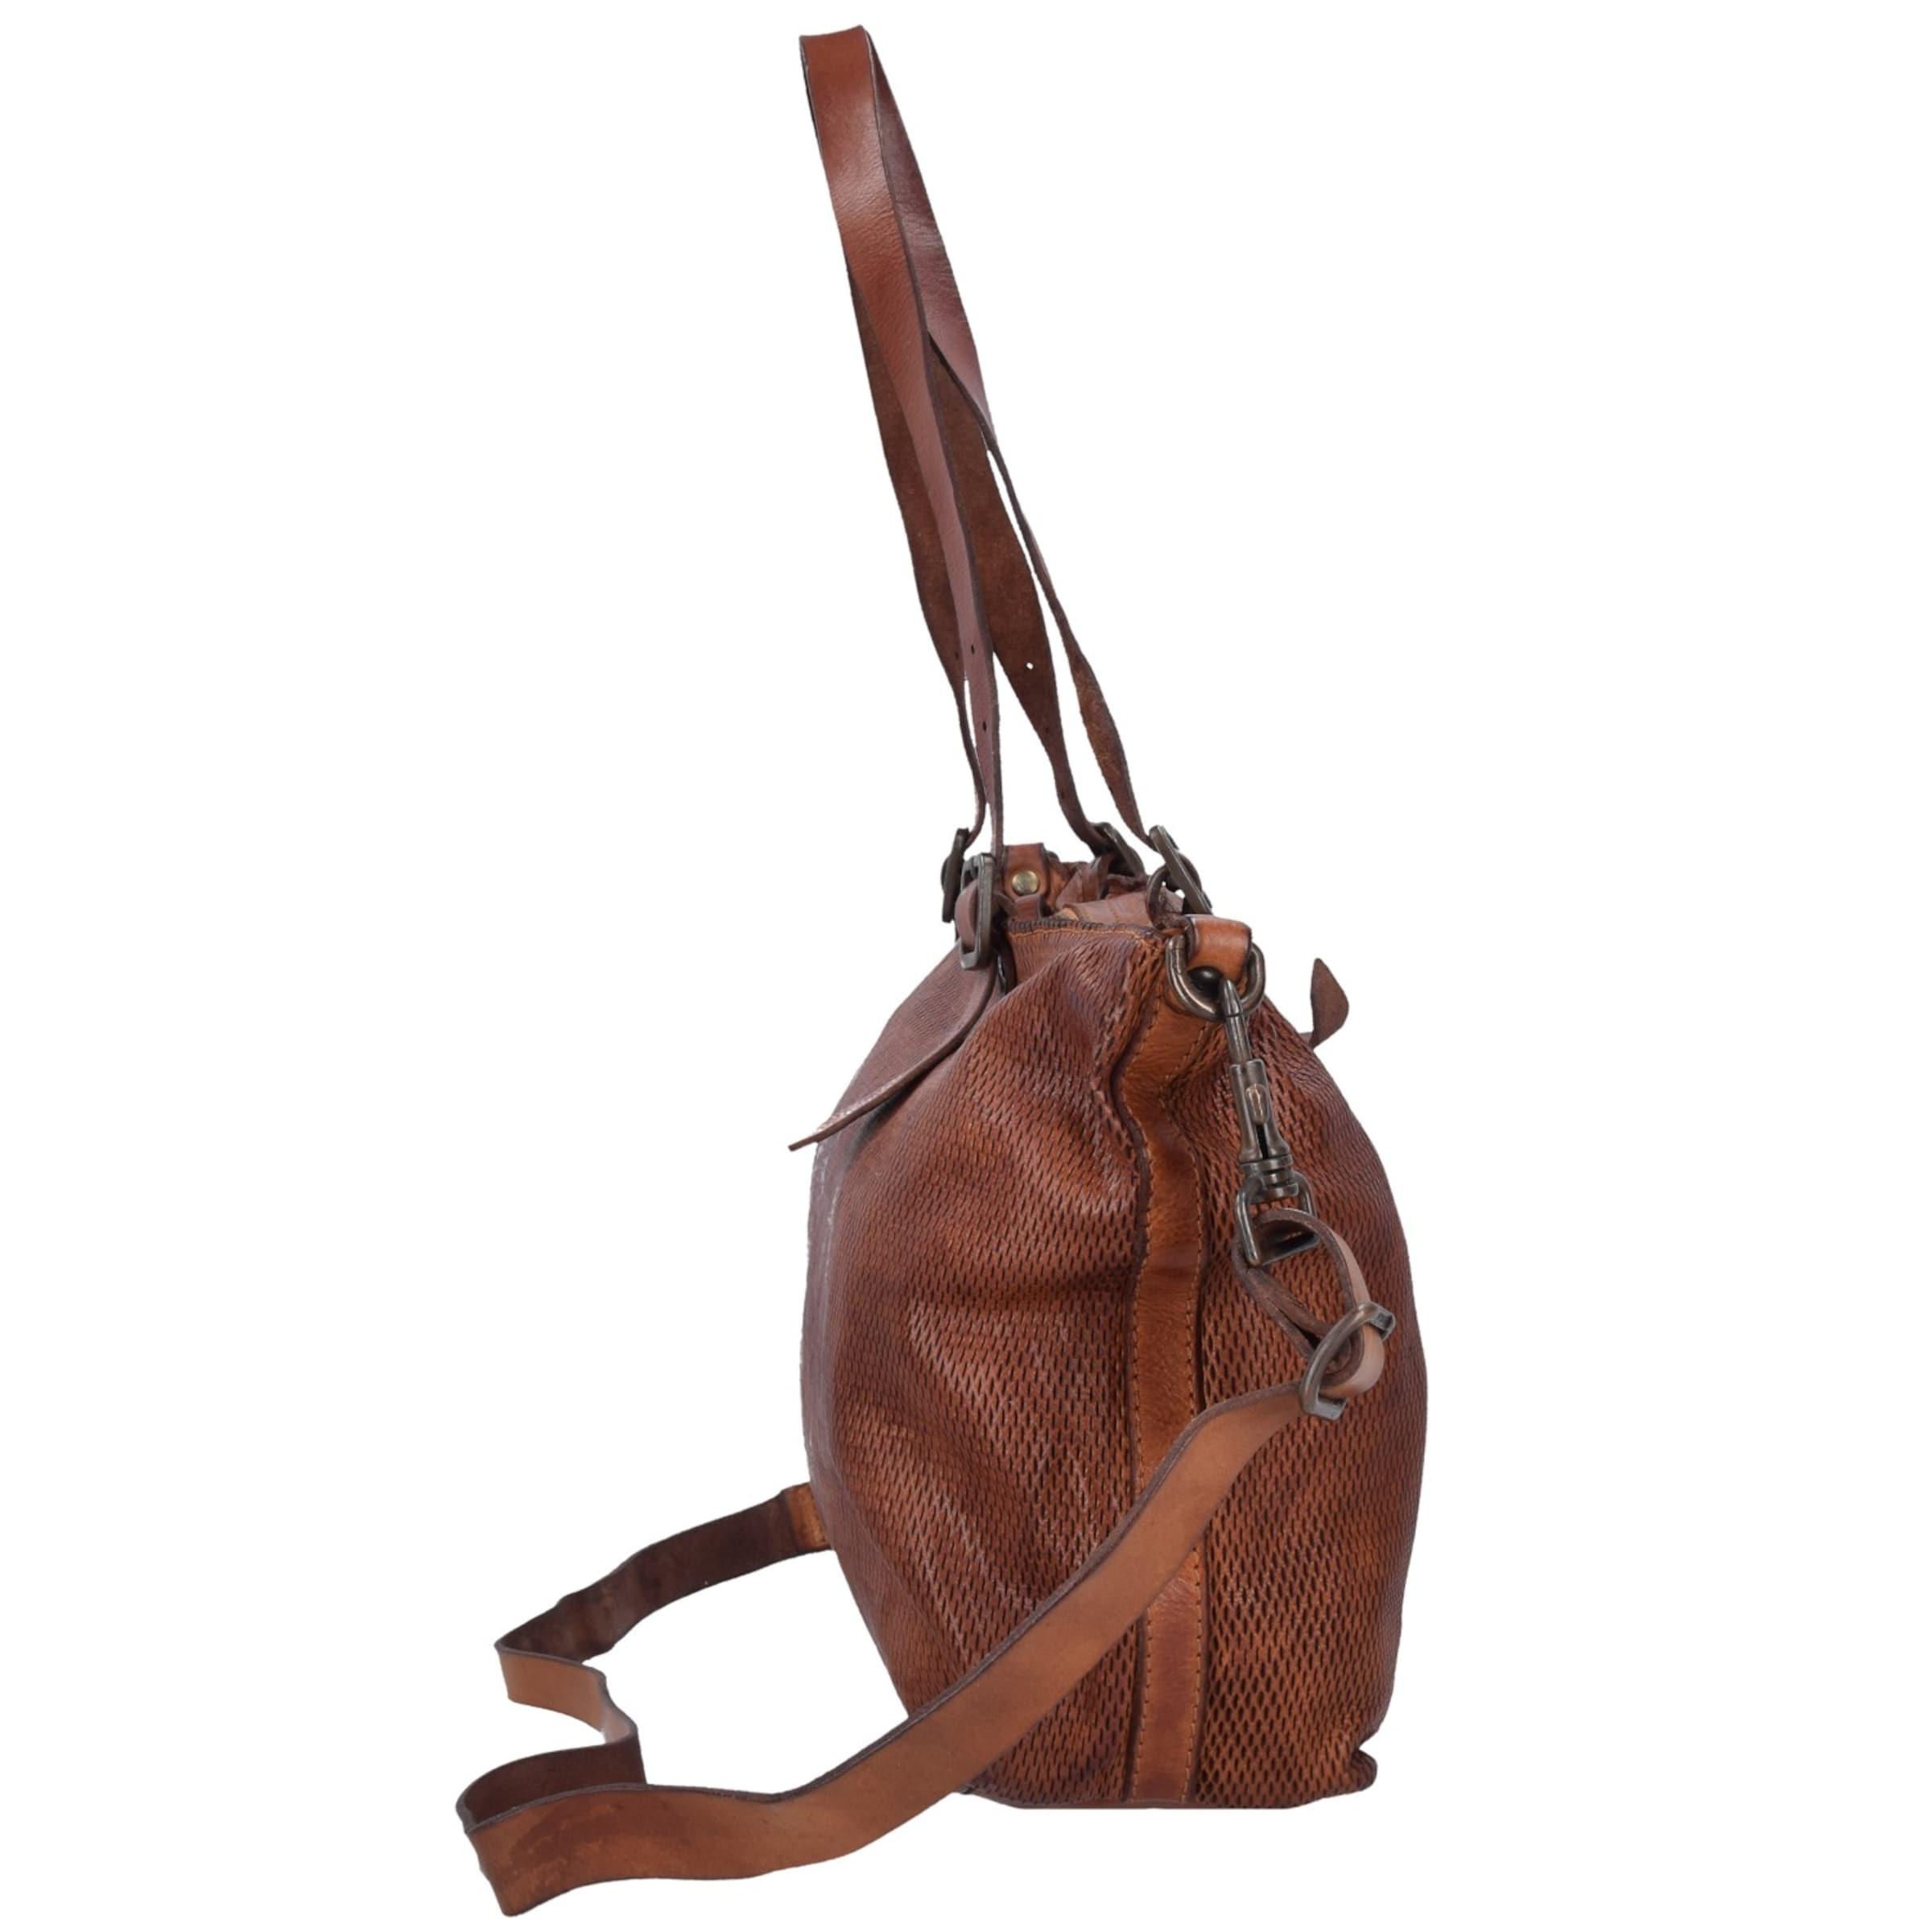 Campomaggi 'Tarassaco Shopper' Tasche 35 cm Freies Verschiffen Besuch Verbilligte Exklusiv Günstig Online 4Us135u6